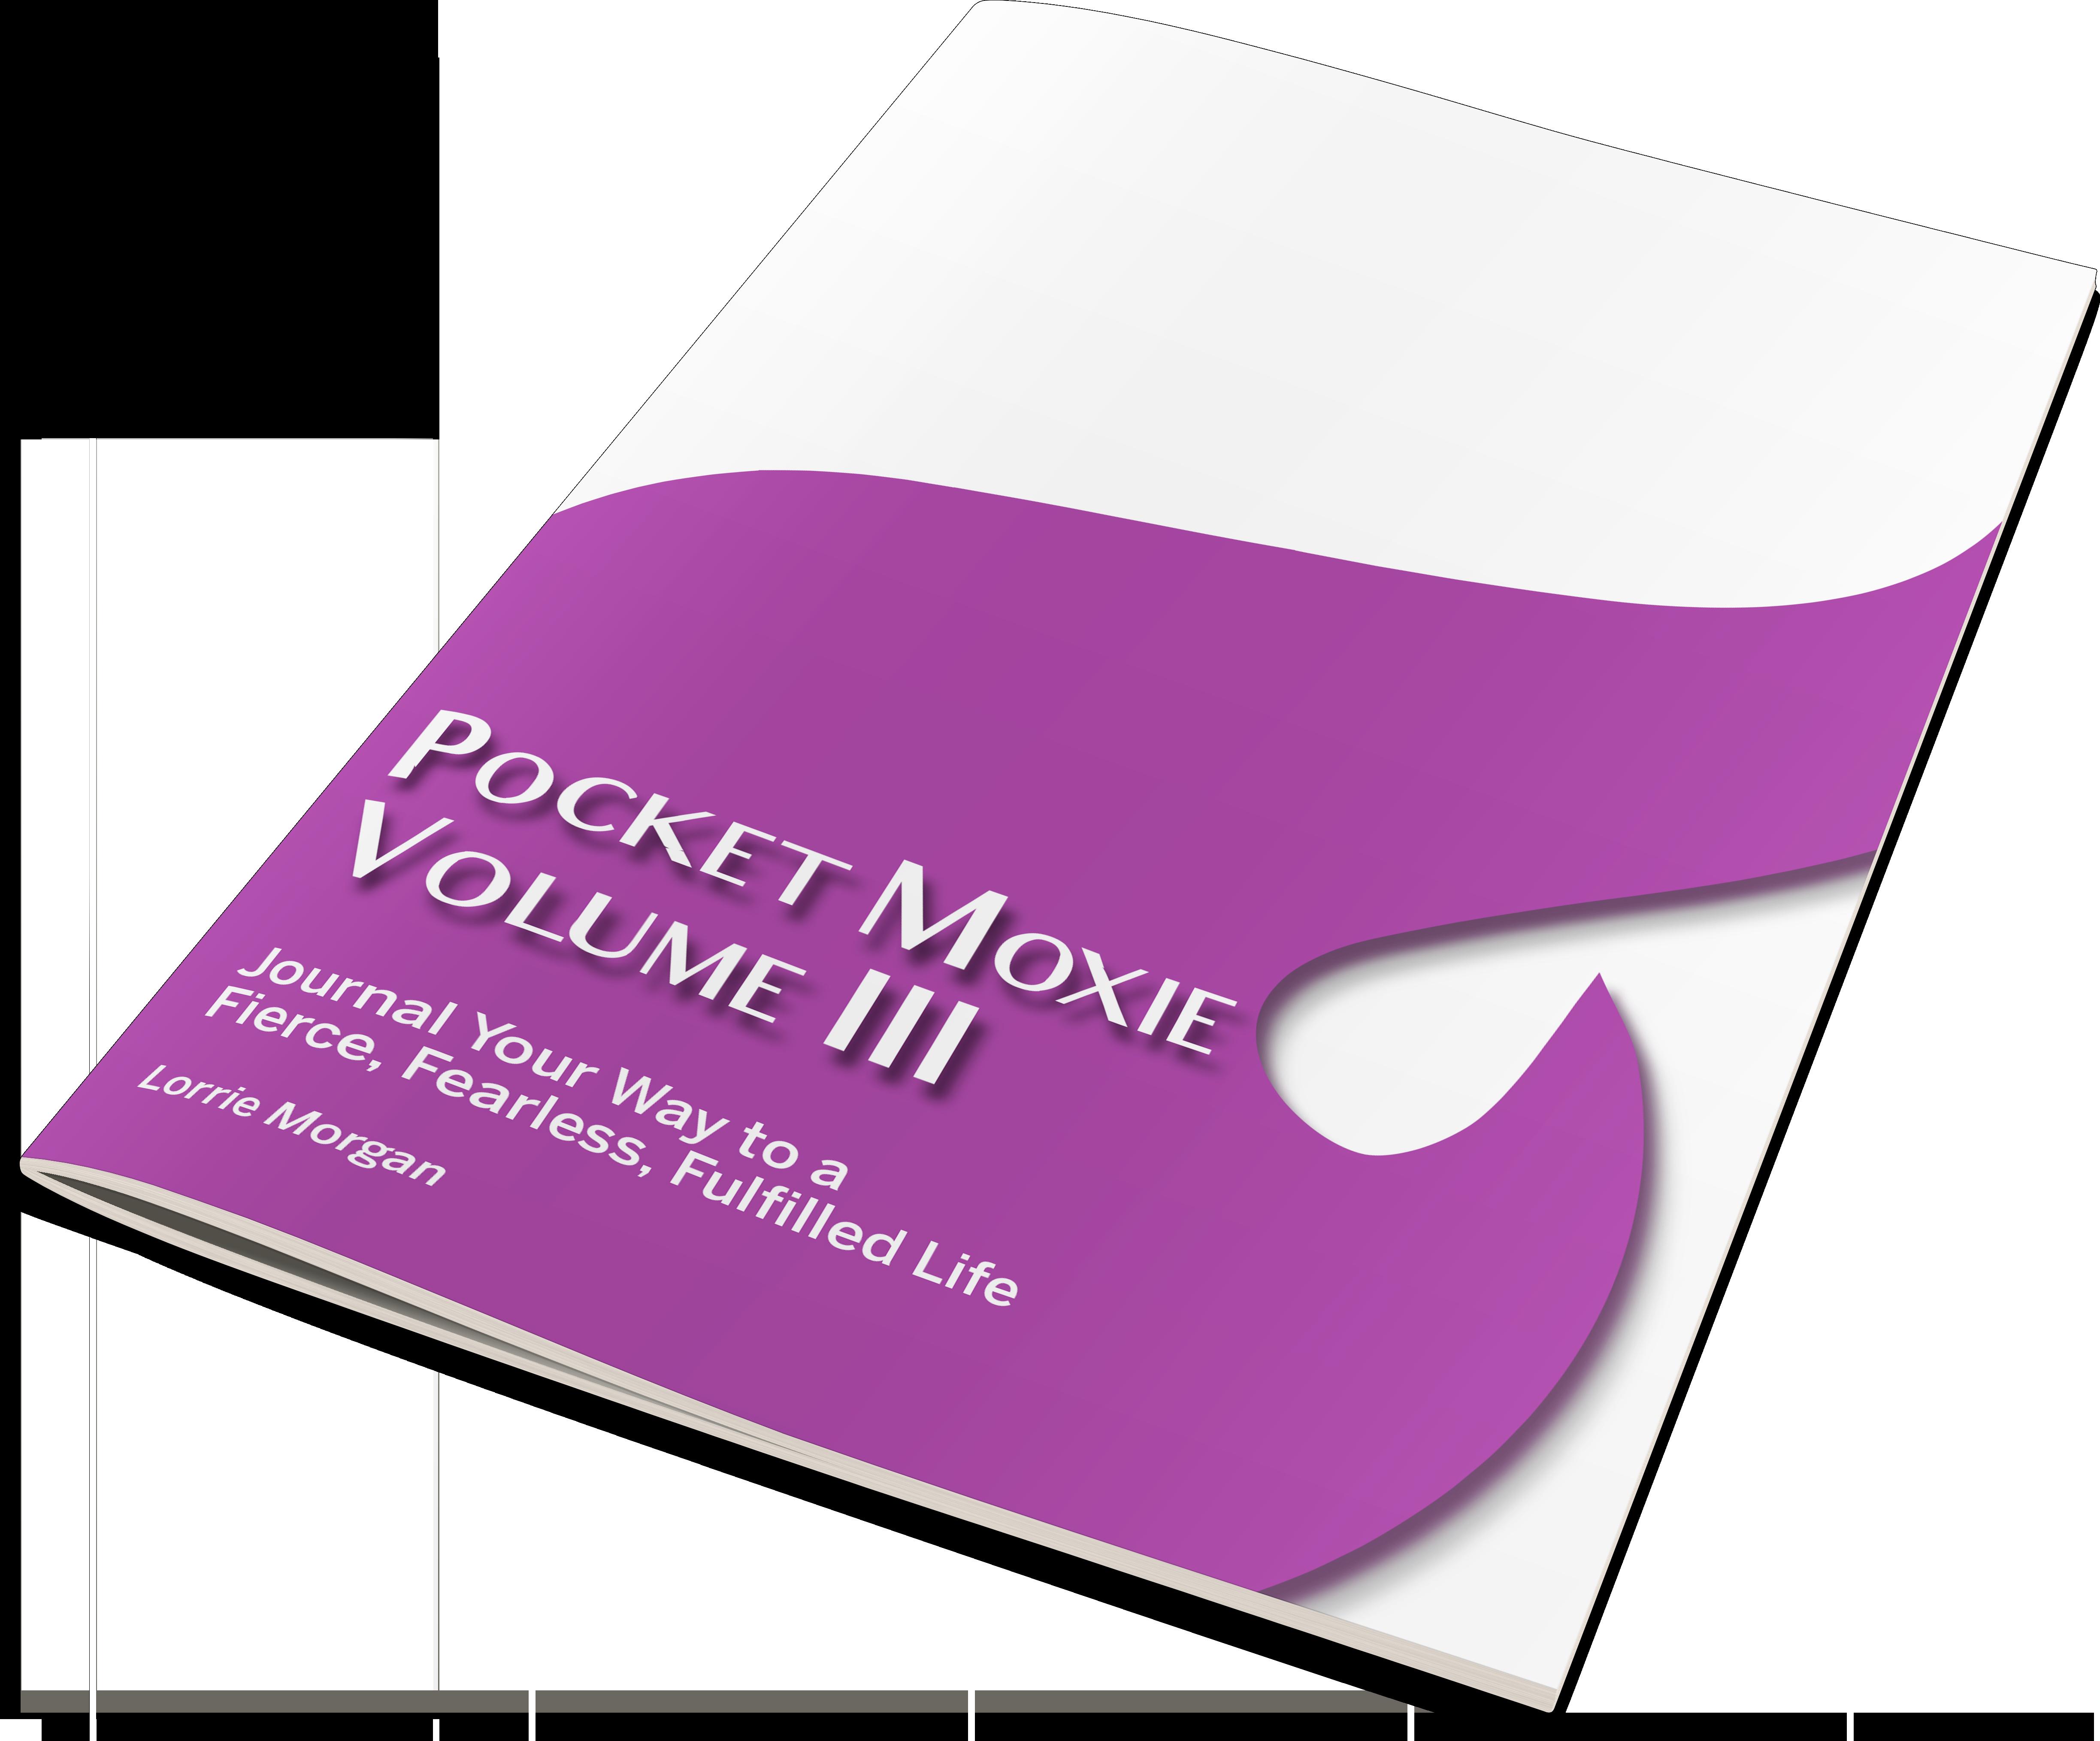 3D Pocket Moxie Volume3-JournalYourWay-Cover-6x9